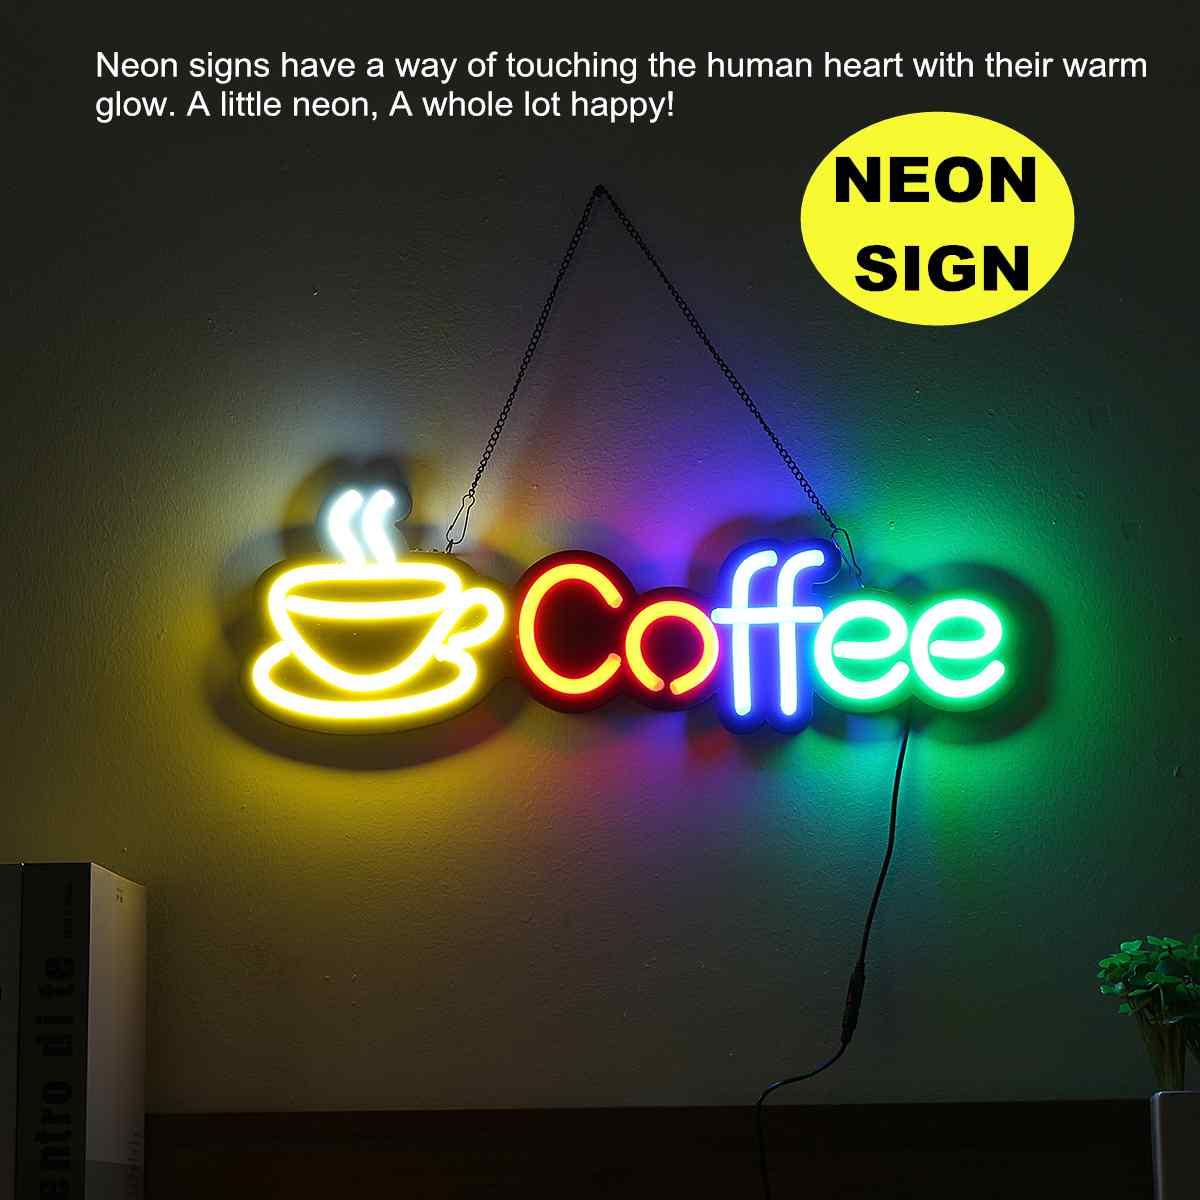 Café néon signe lumière LED Tube fait à la main illustration visuelle Bar Club KTV décoration murale éclairage Commercial néon ampoules accrocher la chaîne